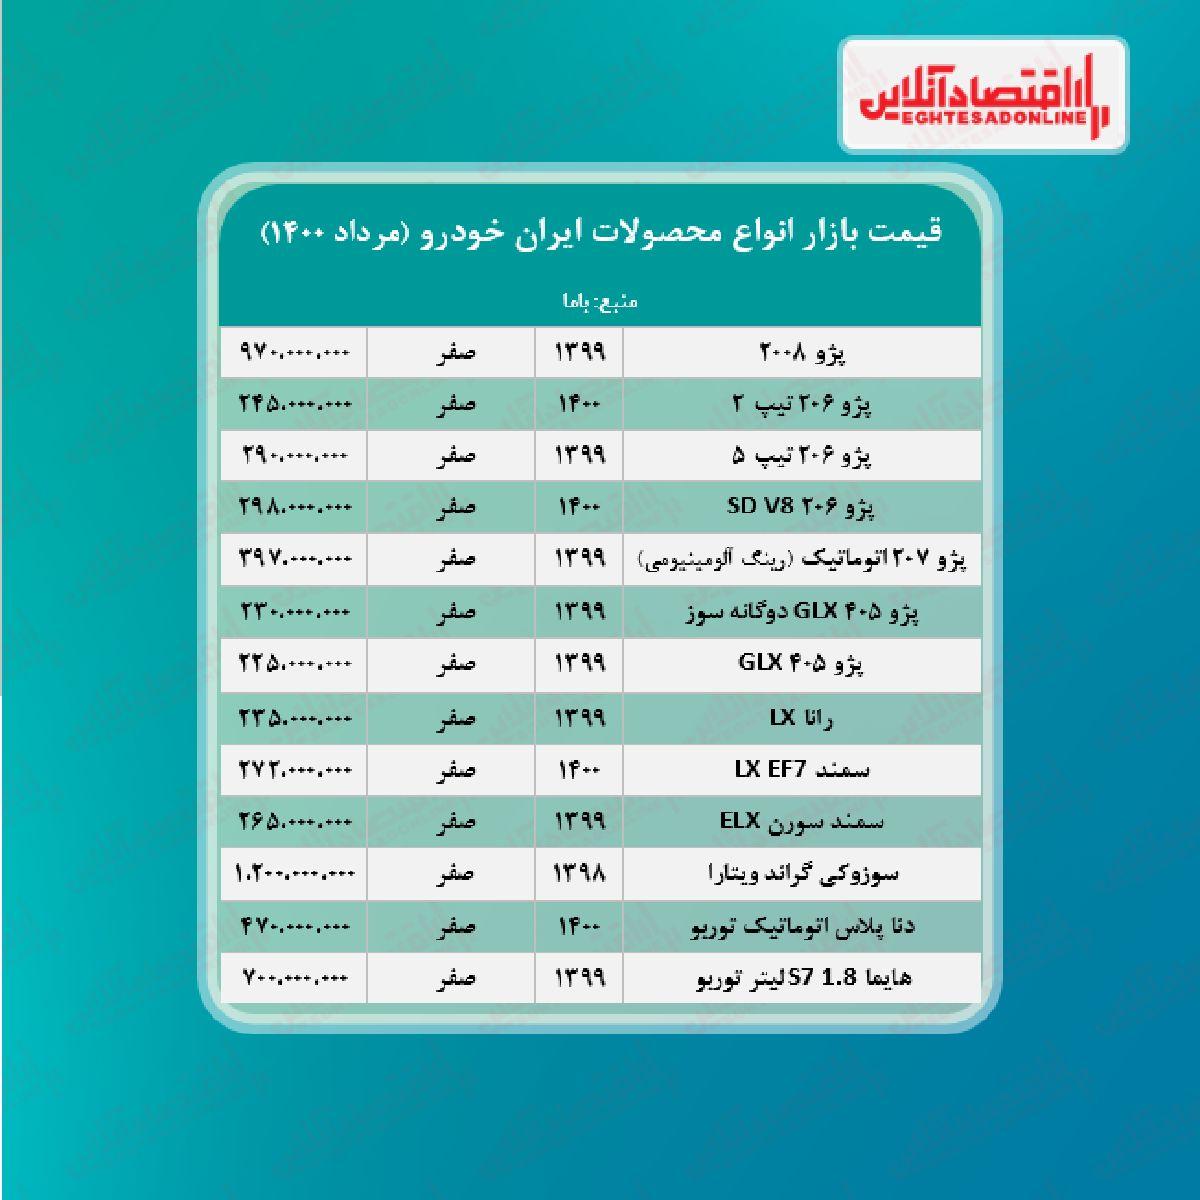 قیمت محصولات ایران خودرو امروز ۱۴۰۰/۵/۲۵